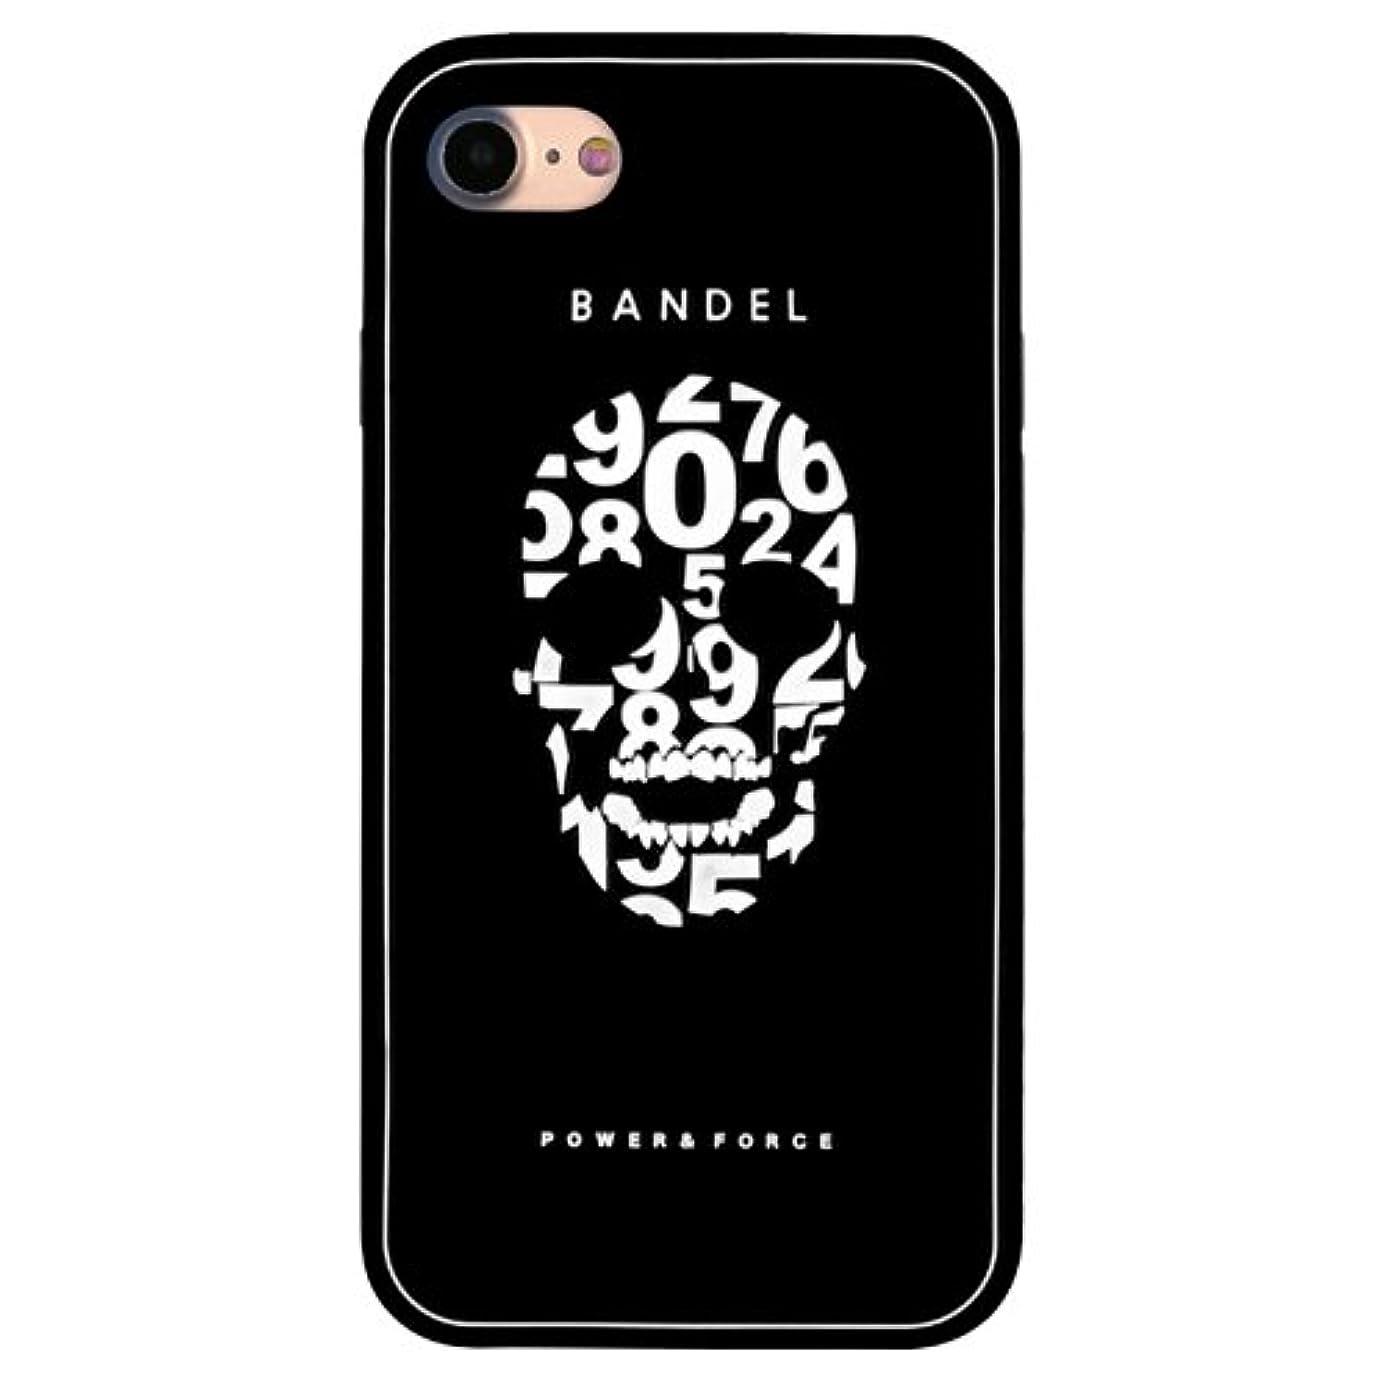 チーズコーチ騒々しいバンデル(BANDEL) スカル iPhone 8 Plus専用 シリコンケース [ブラック×ホワイト]